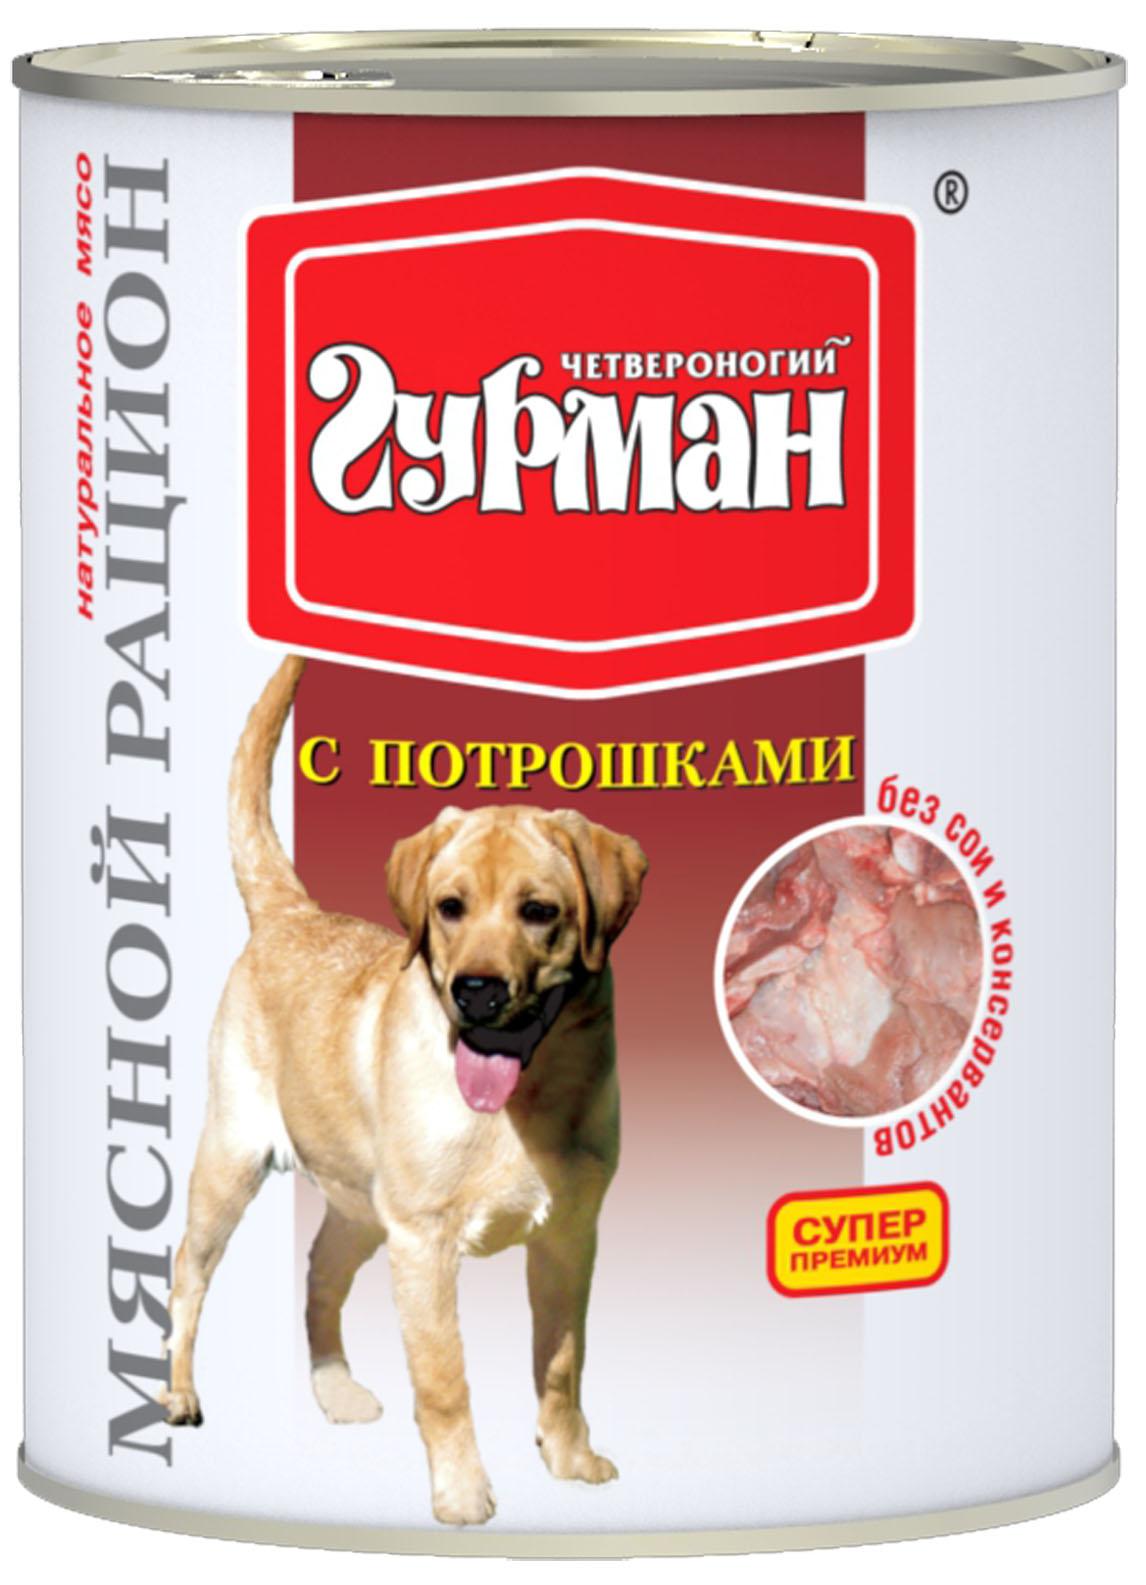 Консервы для собак Четвероногий Гурман Мясной рацион, с потрошками, 850 г140677Консервы Четвероногий Гурман Мясной рацион - влажные мясные консервы суперпремиум класса для собак. Изготовлены из мяса и субпродуктов, дополнительно содержат желирующую добавку, растительное масло и незначительное количество соли. Корм отличается крупной степенью измельченности, что повышает его привлекательность для собак крупных пород.Корм производится по новейшей технологии на современном оборудовании, что позволяет строго следить за его качеством. Специальная щадящая технология обработки компонентов позволяет сохранить максимальное количество витаминов, микроэлементов и питательных веществ, необходимых любой собаке.Корм производится из высококачественного натурального мяса, без добавления сои, ароматизаторов и красителей, имеет отличный вкус и привлекательный аромат. Такие консервы вы можете давать собаке как отдельно, так и смешивая их с кашей или овощами. Консервы Четвероногий Гурман Мясной рацион - прекрасное и вкусное дополнение к рациону вашего любимца. Состав: рубец, желудок, сердце, легкое, коллагенсодержащее сырье, курица, печень, животный белок, растительное масло, клетчатка, вода, желирующая добавка.Пищевая ценность (в 100 г продукта): протеин 12 г, жир 10 г, влага 80 г, зола 2 г, клетчатка 0,5 г. Энергетическая ценность (на 100 г): 138 ккал.Вес: 850 г. Товар сертифицирован. УВАЖАЕМЫЕ КЛИЕНТЫ! Обращаем ваше внимание на возможные изменения в дизайне упаковки. Качественные характеристики товара и его размеры остаются неизменными. Поставка осуществляется в зависимости от наличия на складе.